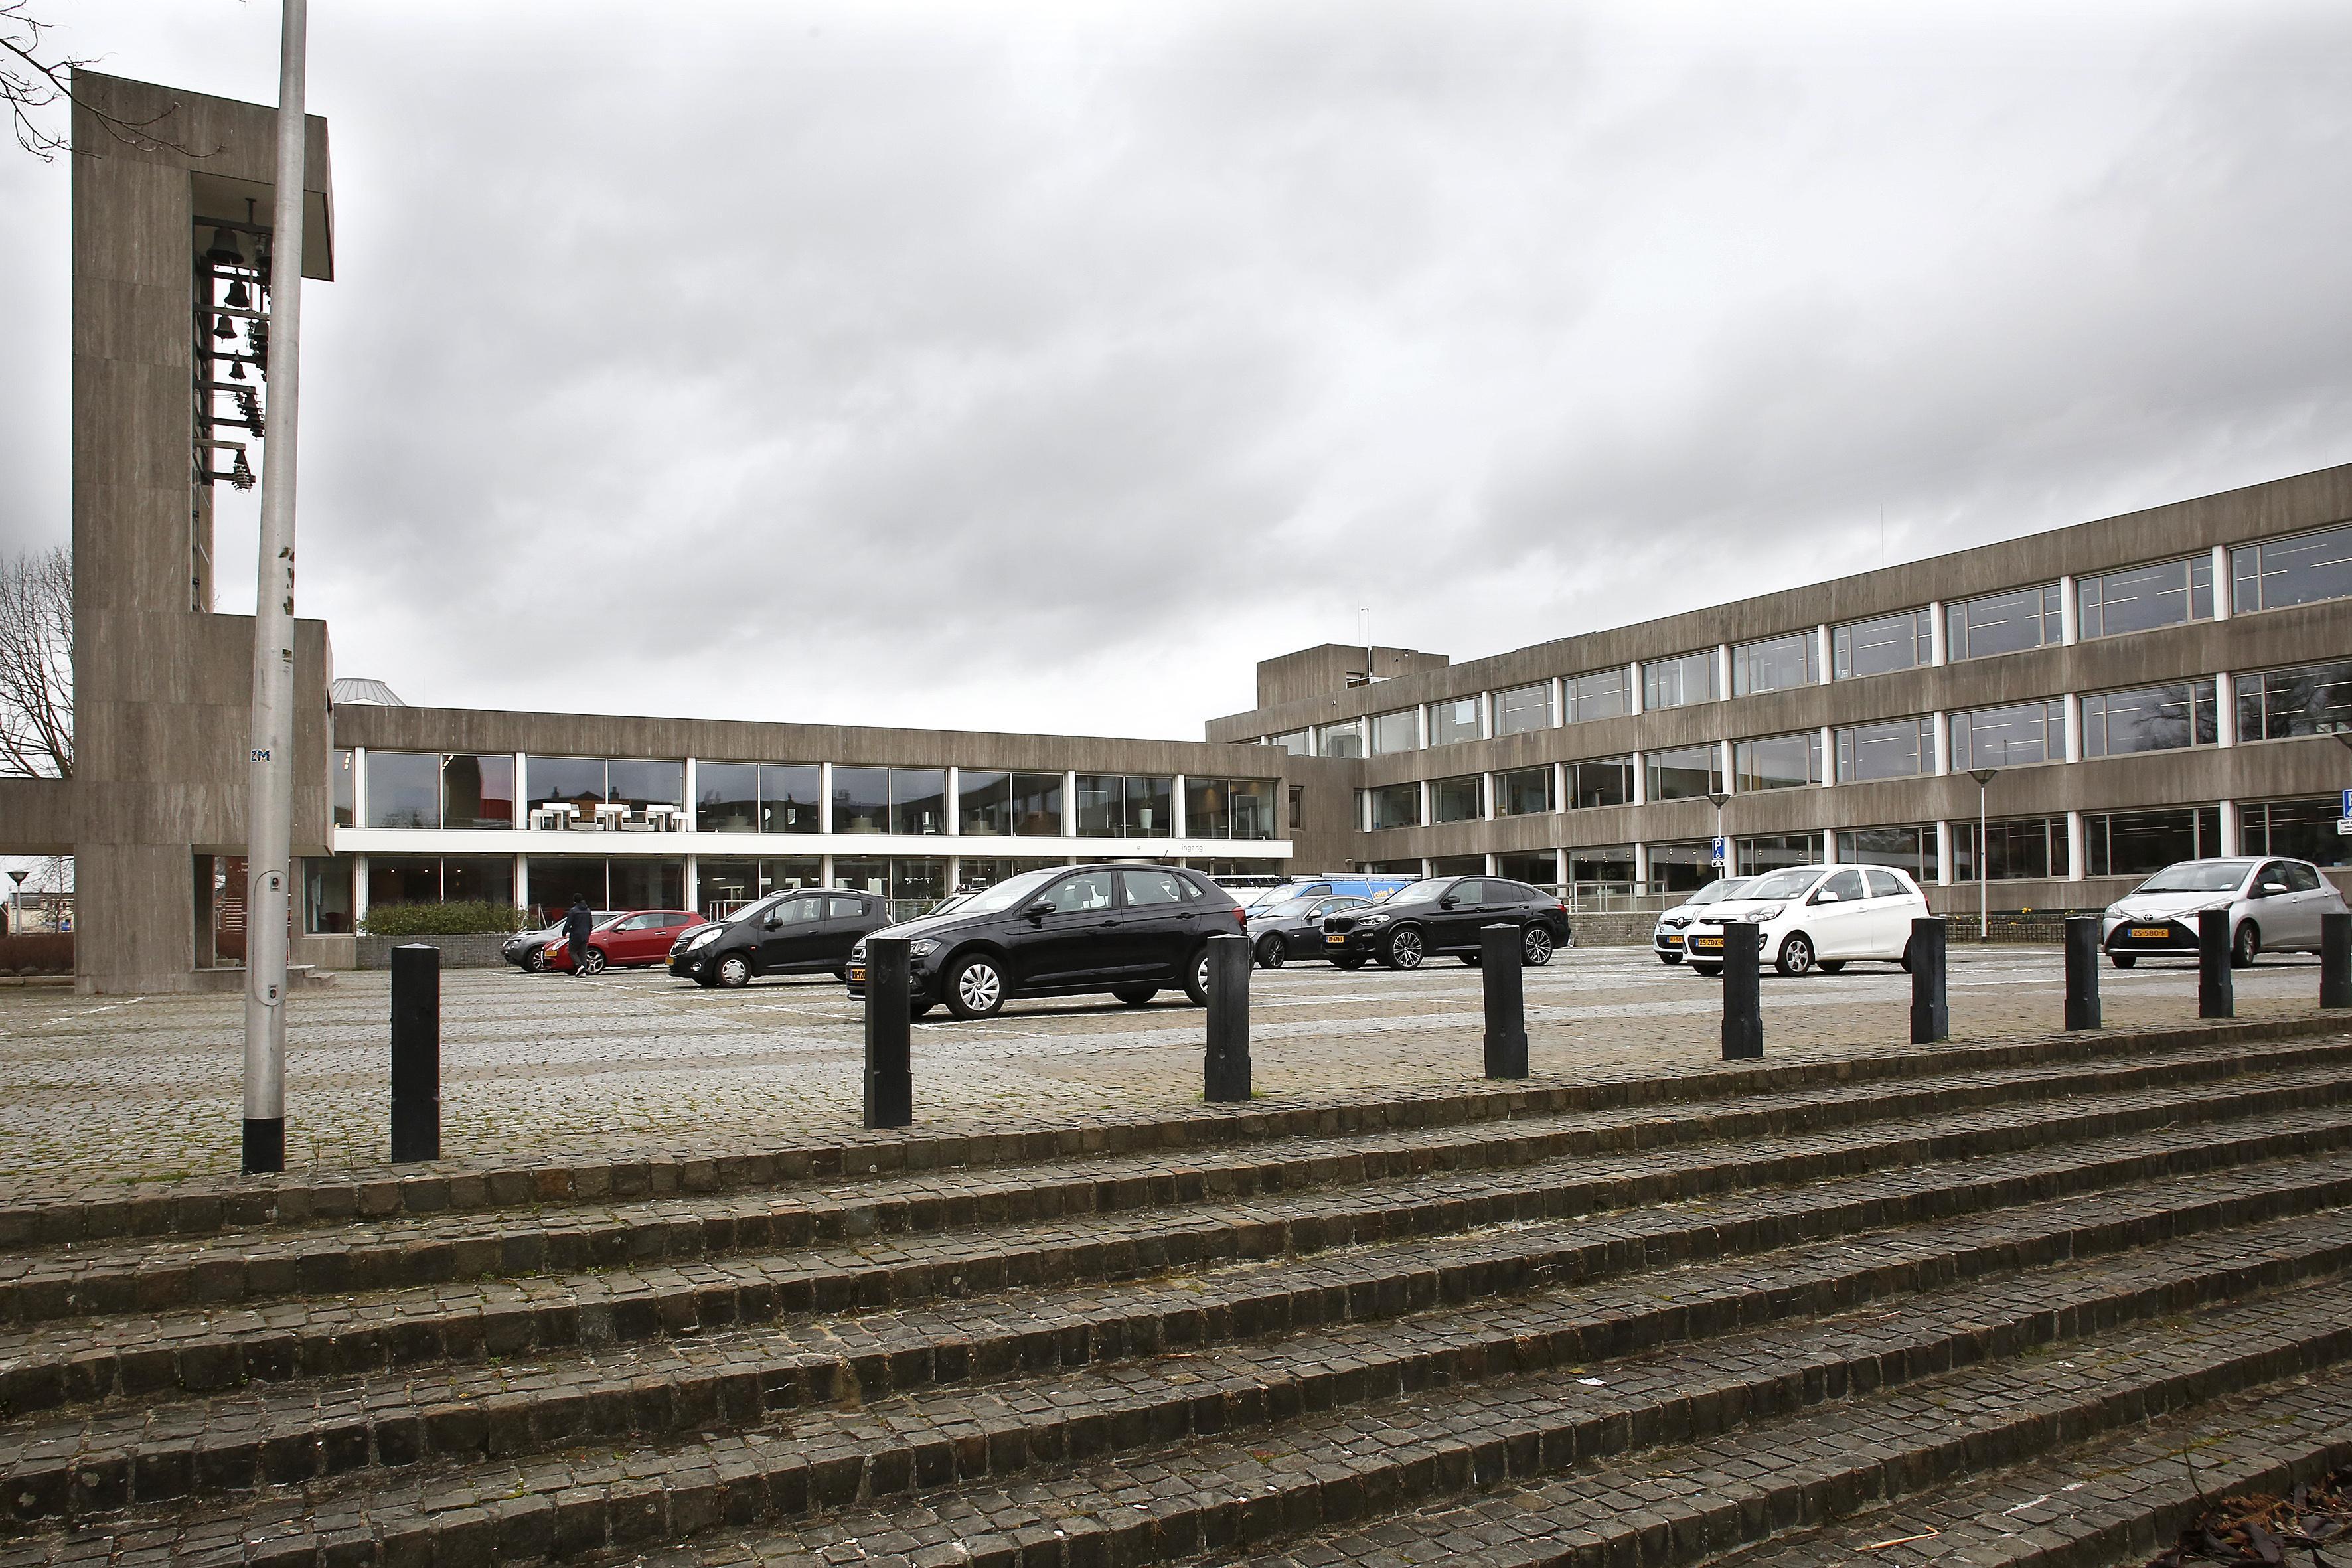 'Kan dit ook in Gooise Meren gebeuren?' D66 stelt vragen over schenken van boodschappen aan iemand in de bijstand